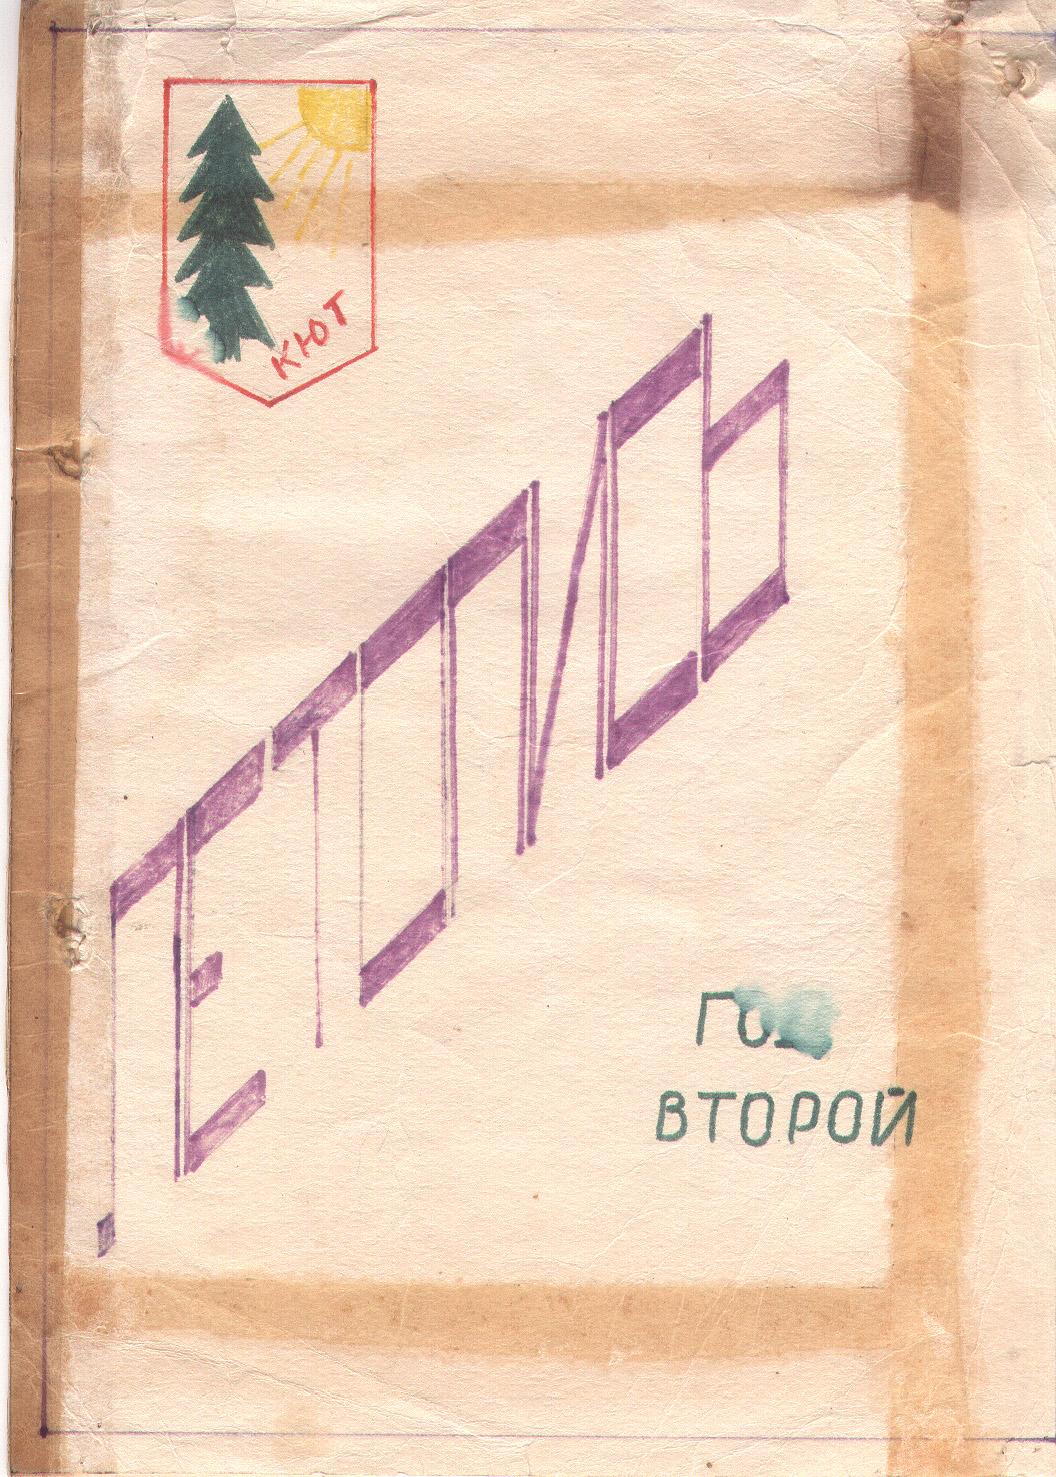 Летопись 2-го года. 1976